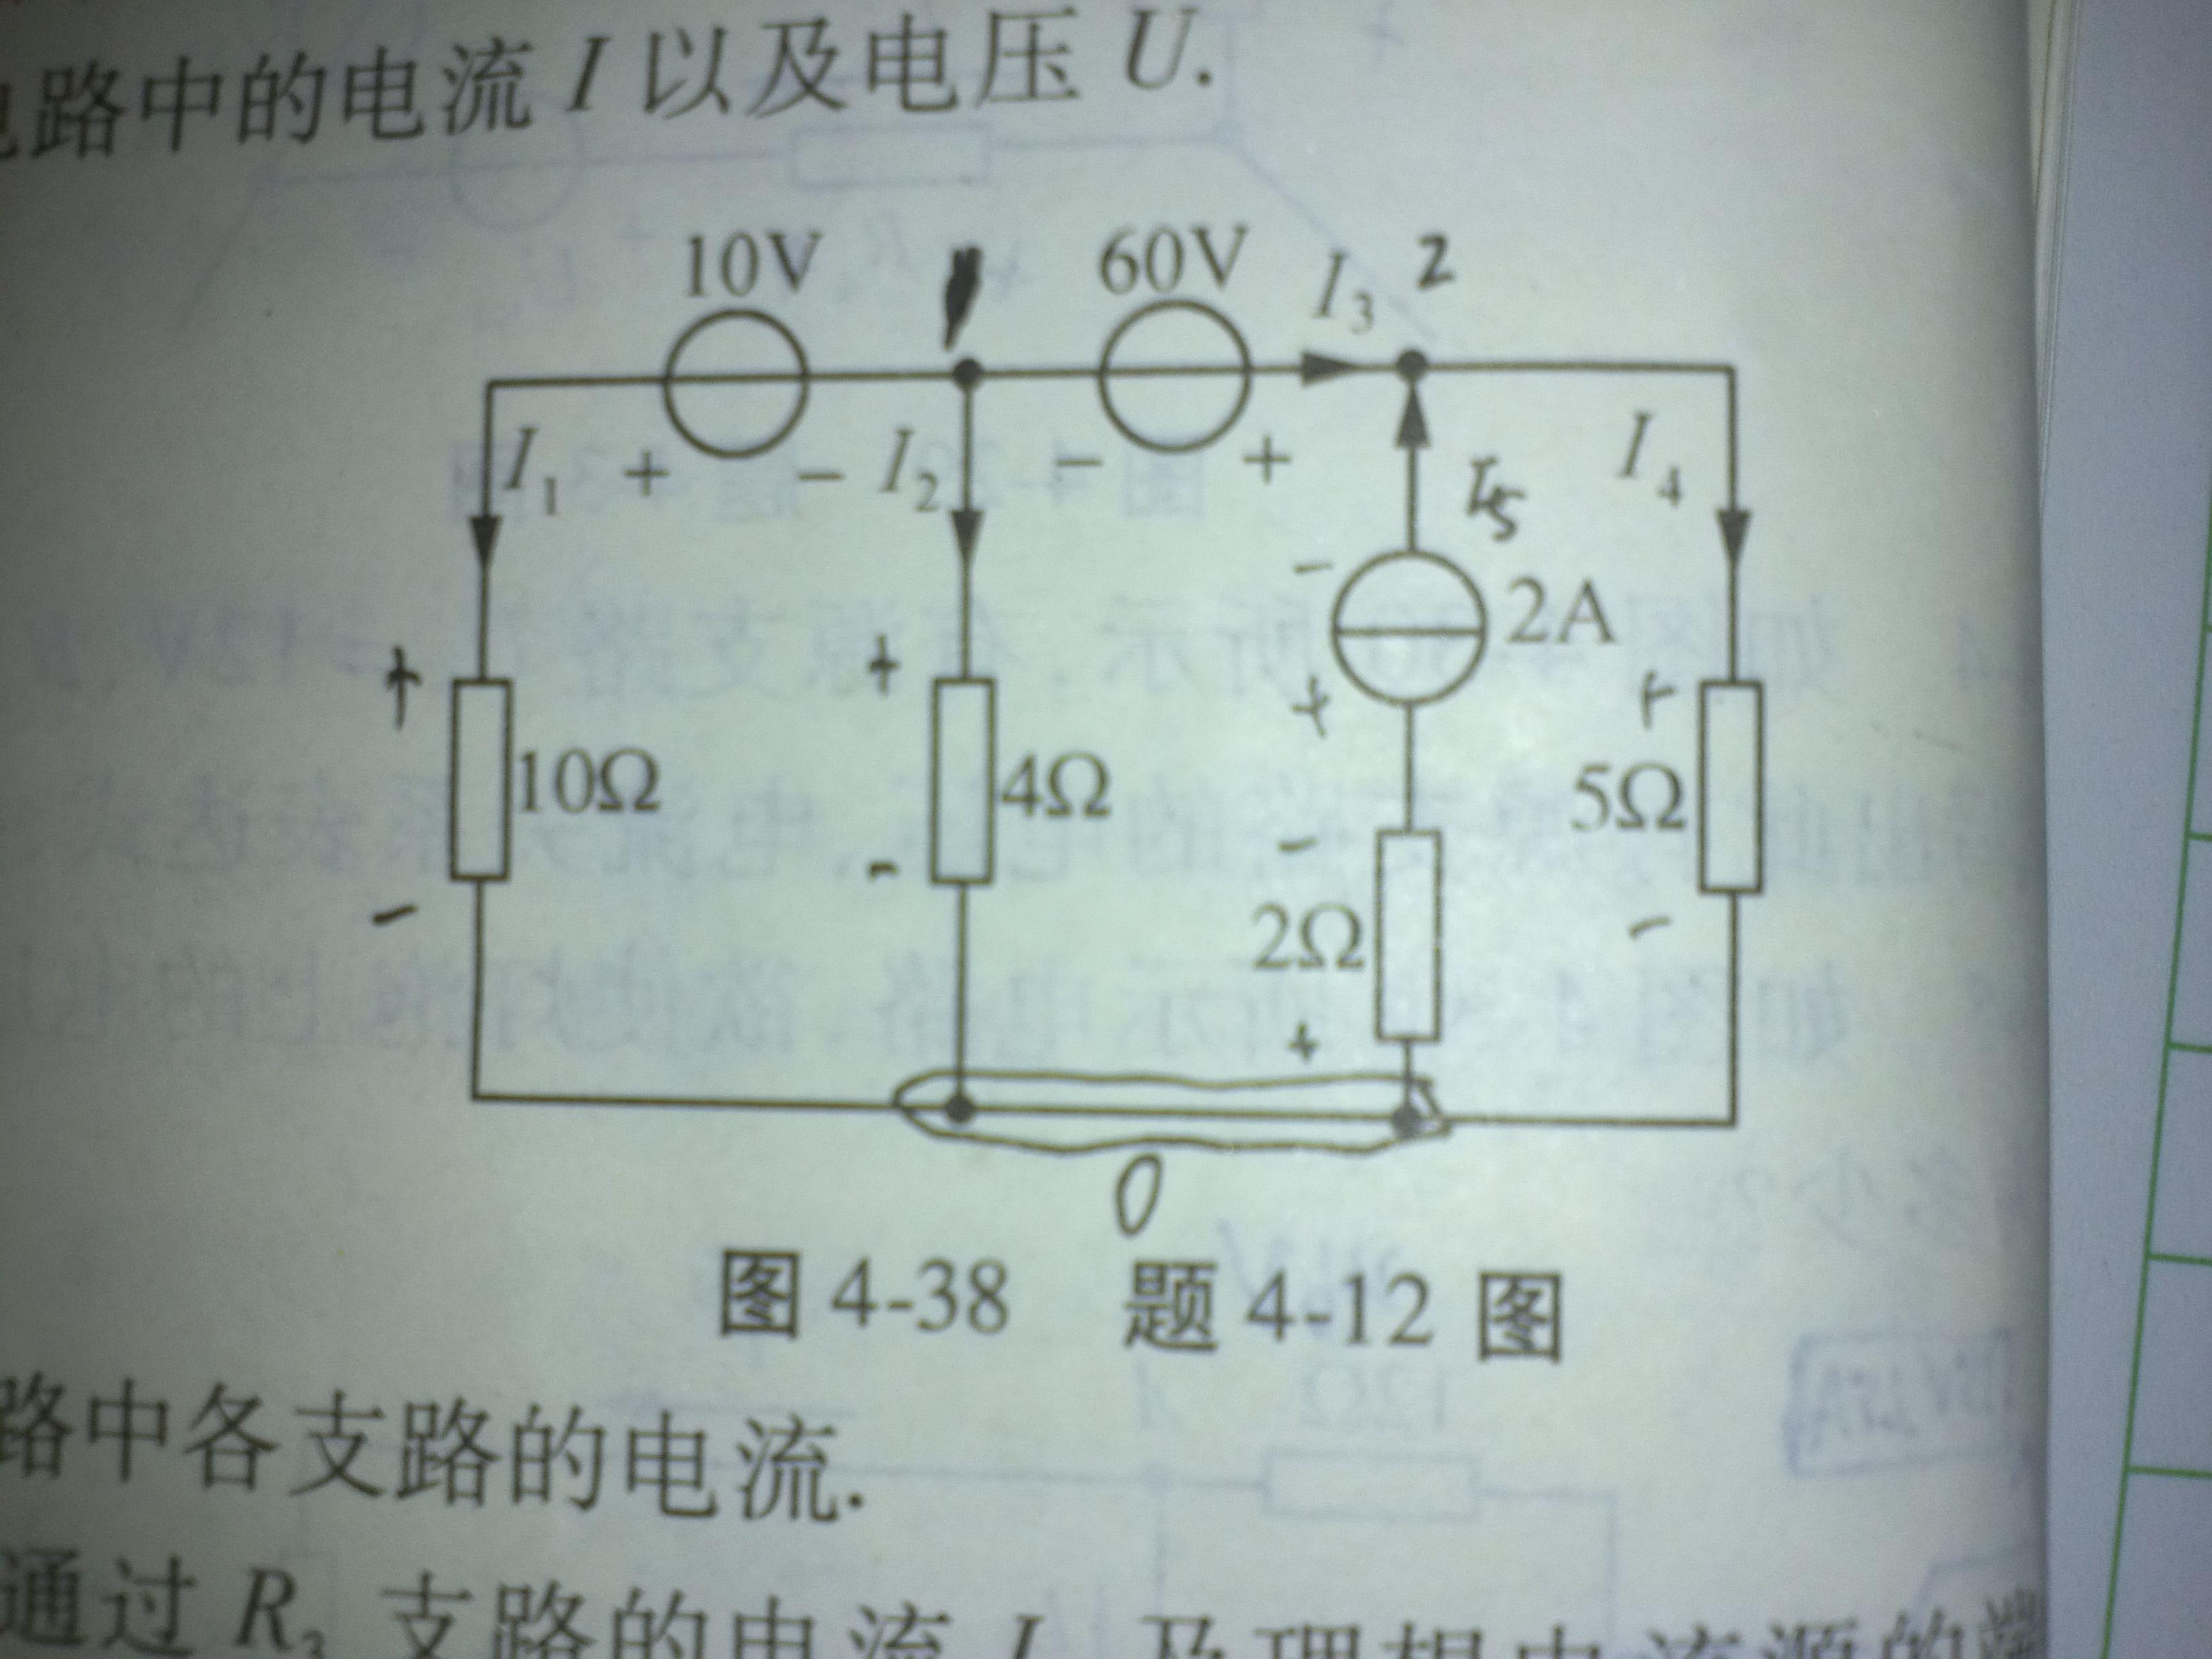 用节点电压法求电路中各支路的电流